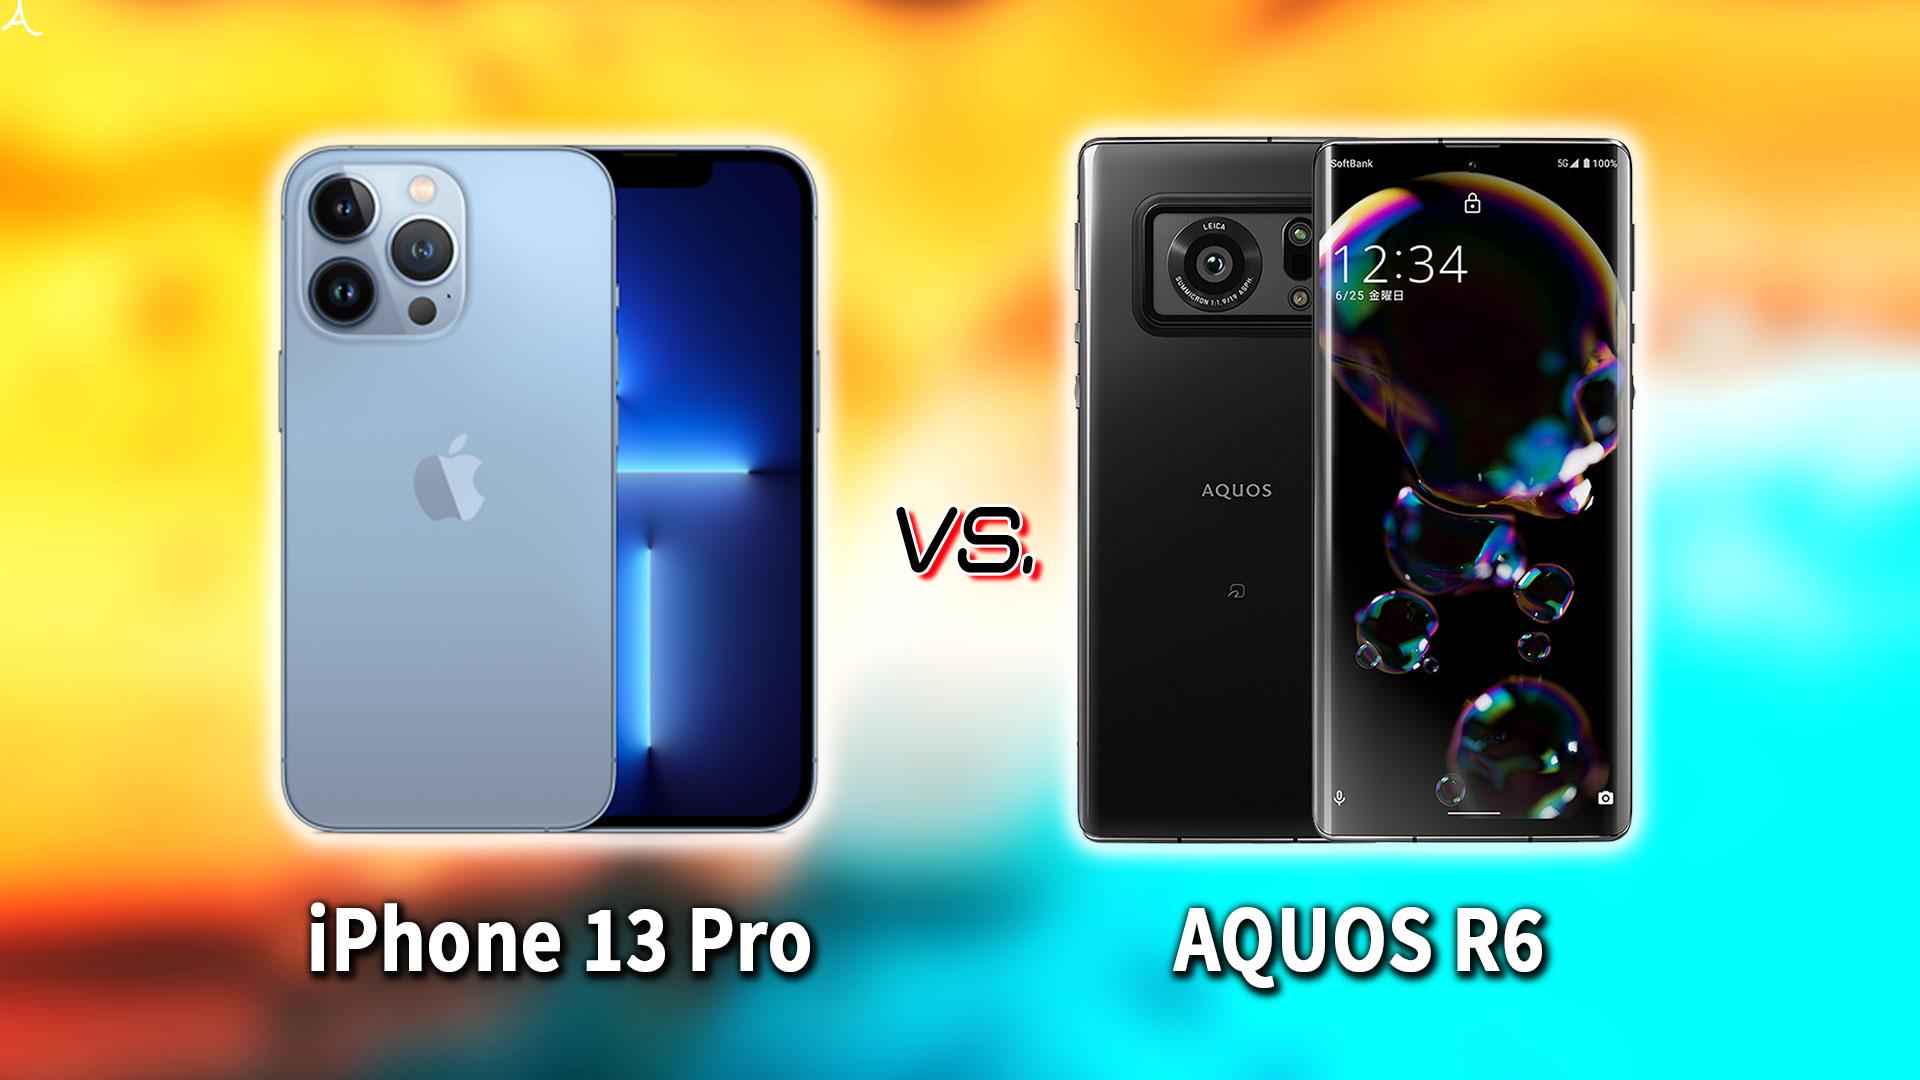 「iPhone 13 Pro」と「AQUOS R6」の違いを比較:どっちを買う?